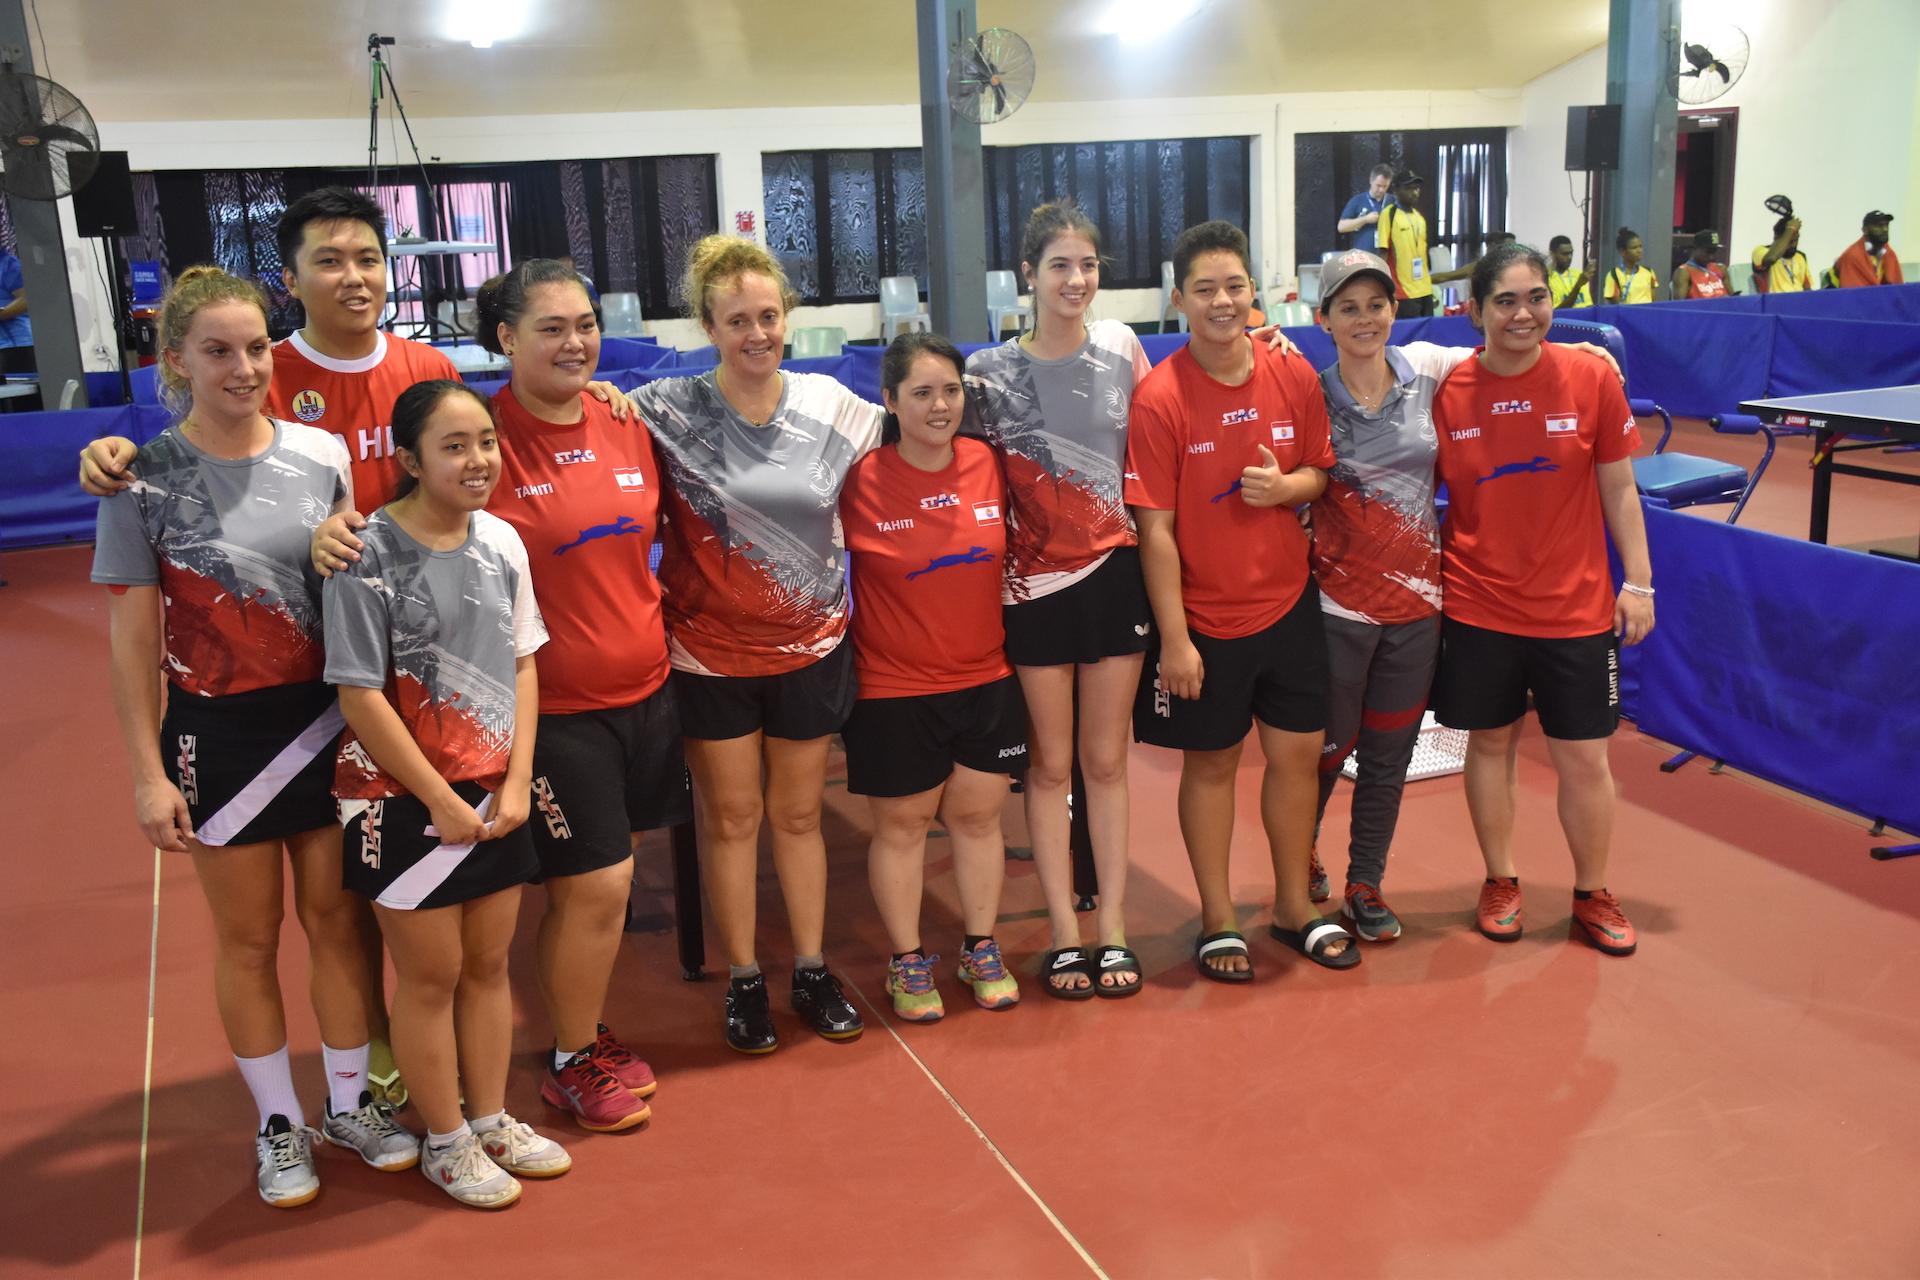 Manihei Maui, Cyrine Sam et Heimoe Wong ont défendu les couleurs du fenua en tennis de table chez les femmes.